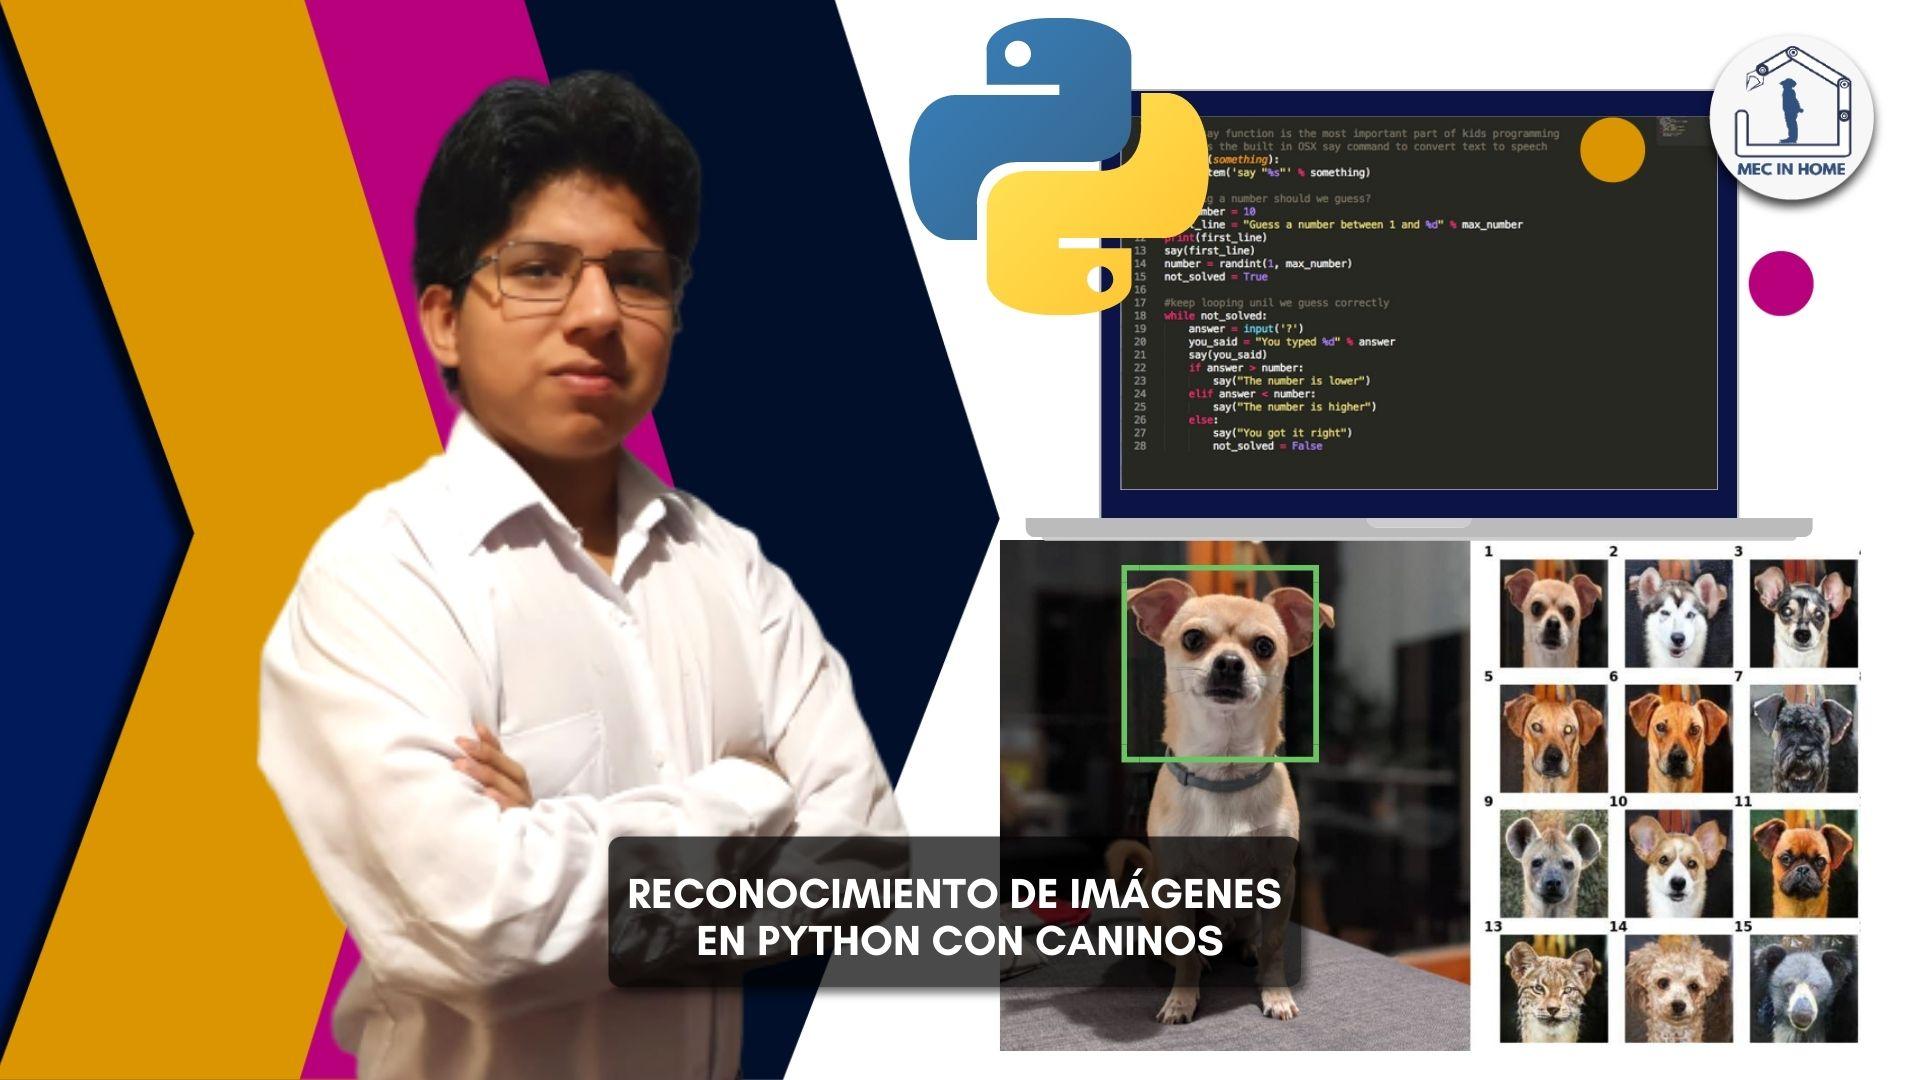 Clasificación de imágenes en Python